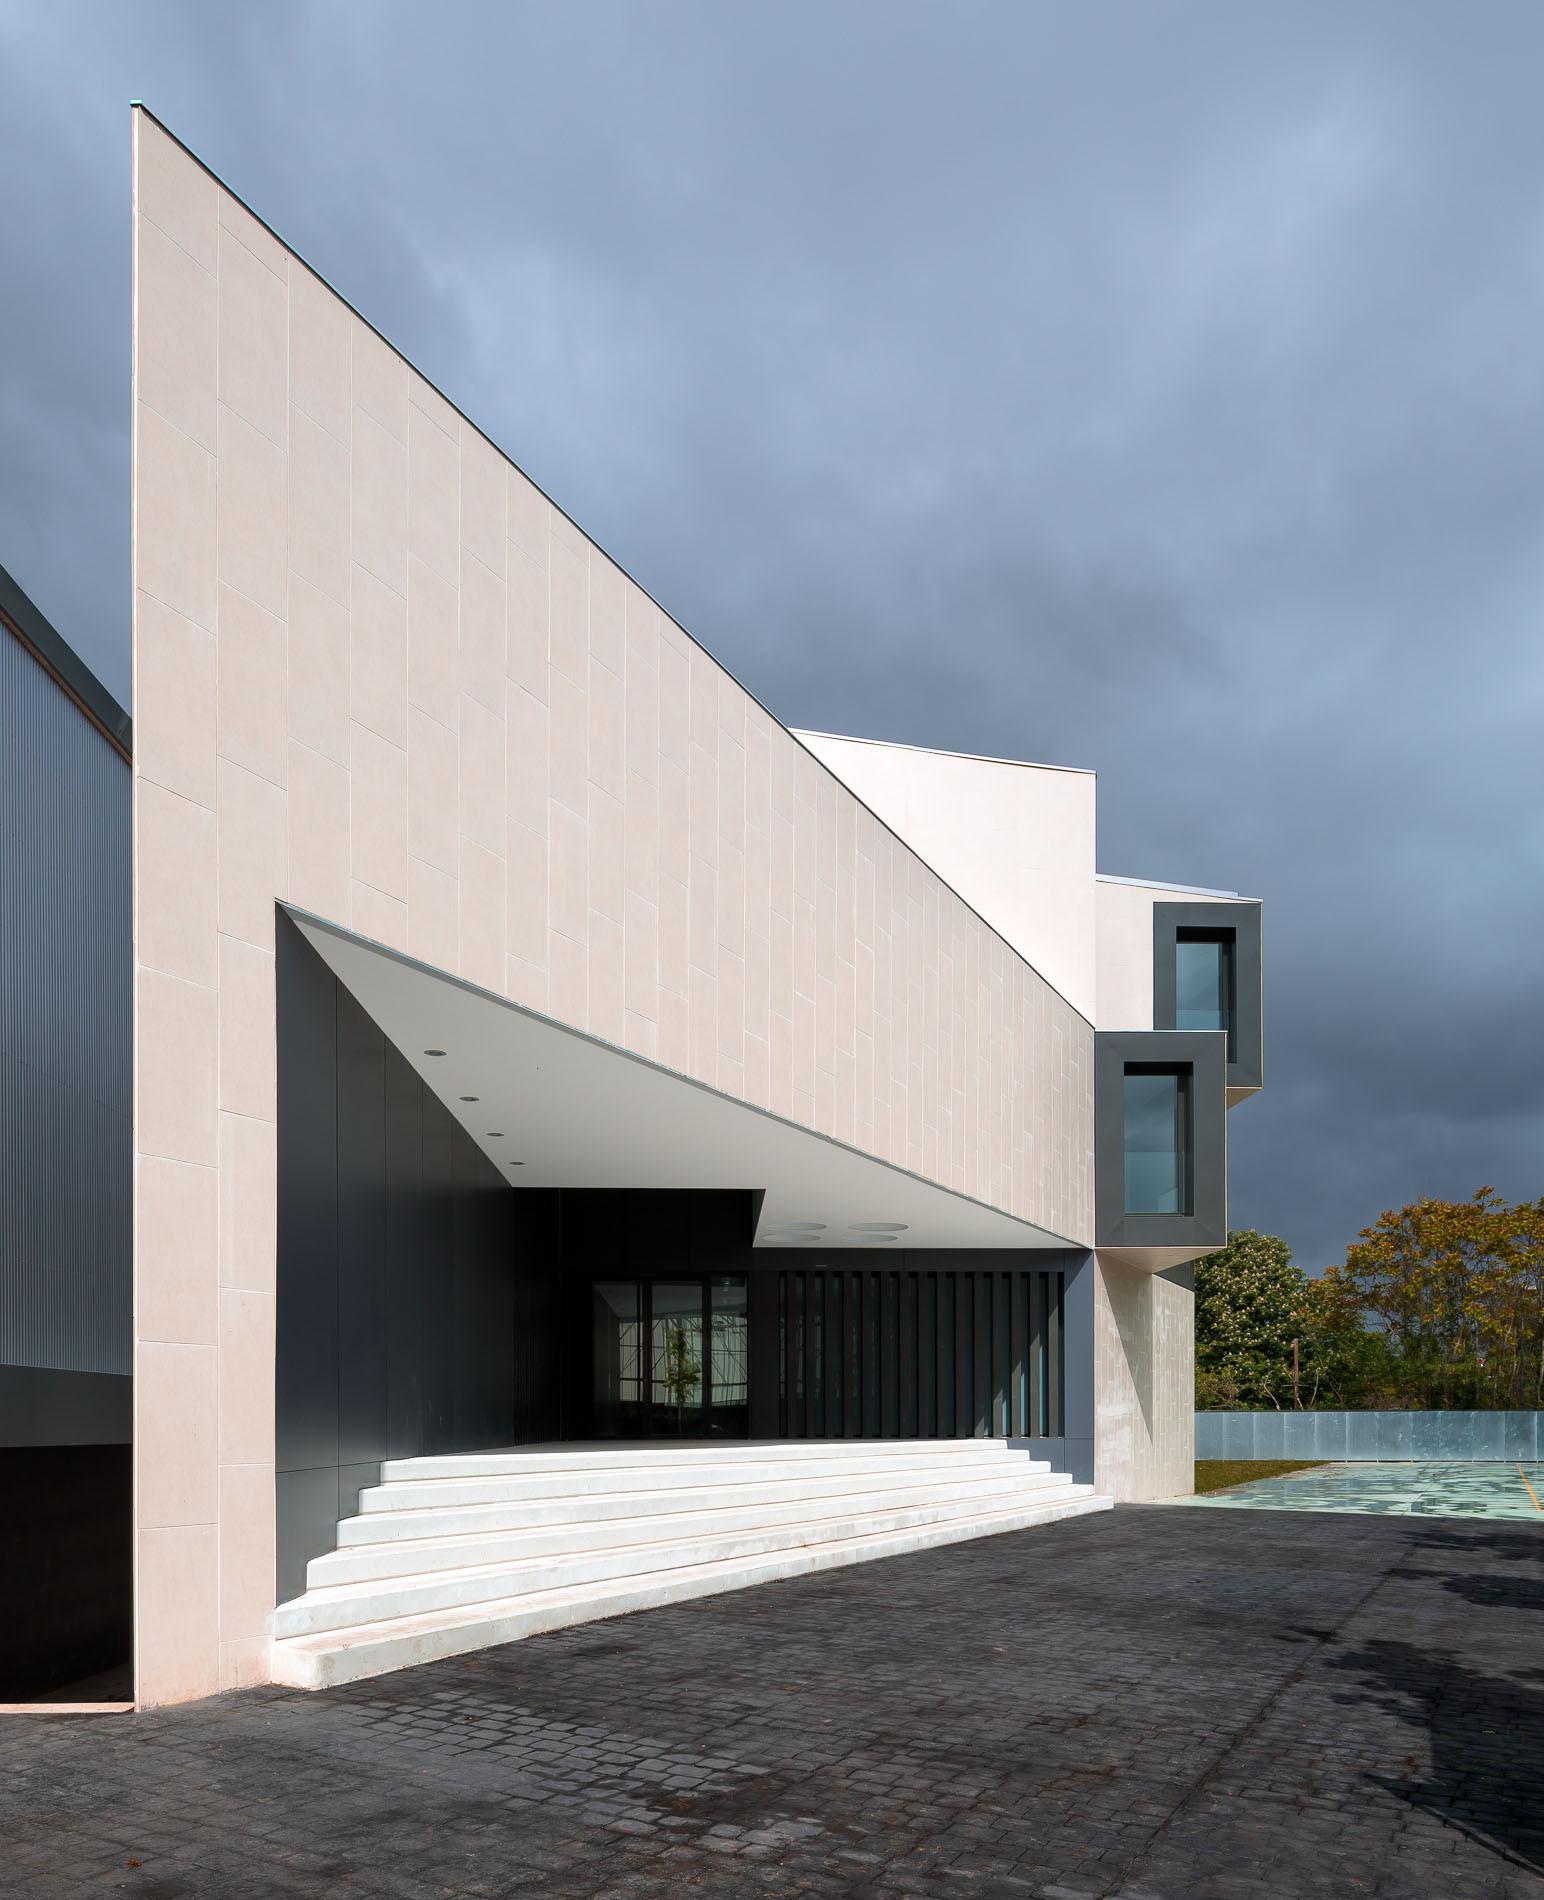 Galer a de nuevo edificio para el colegio el redin en pamplona otxotorena arquitectos 5 - Arquitectos en pamplona ...